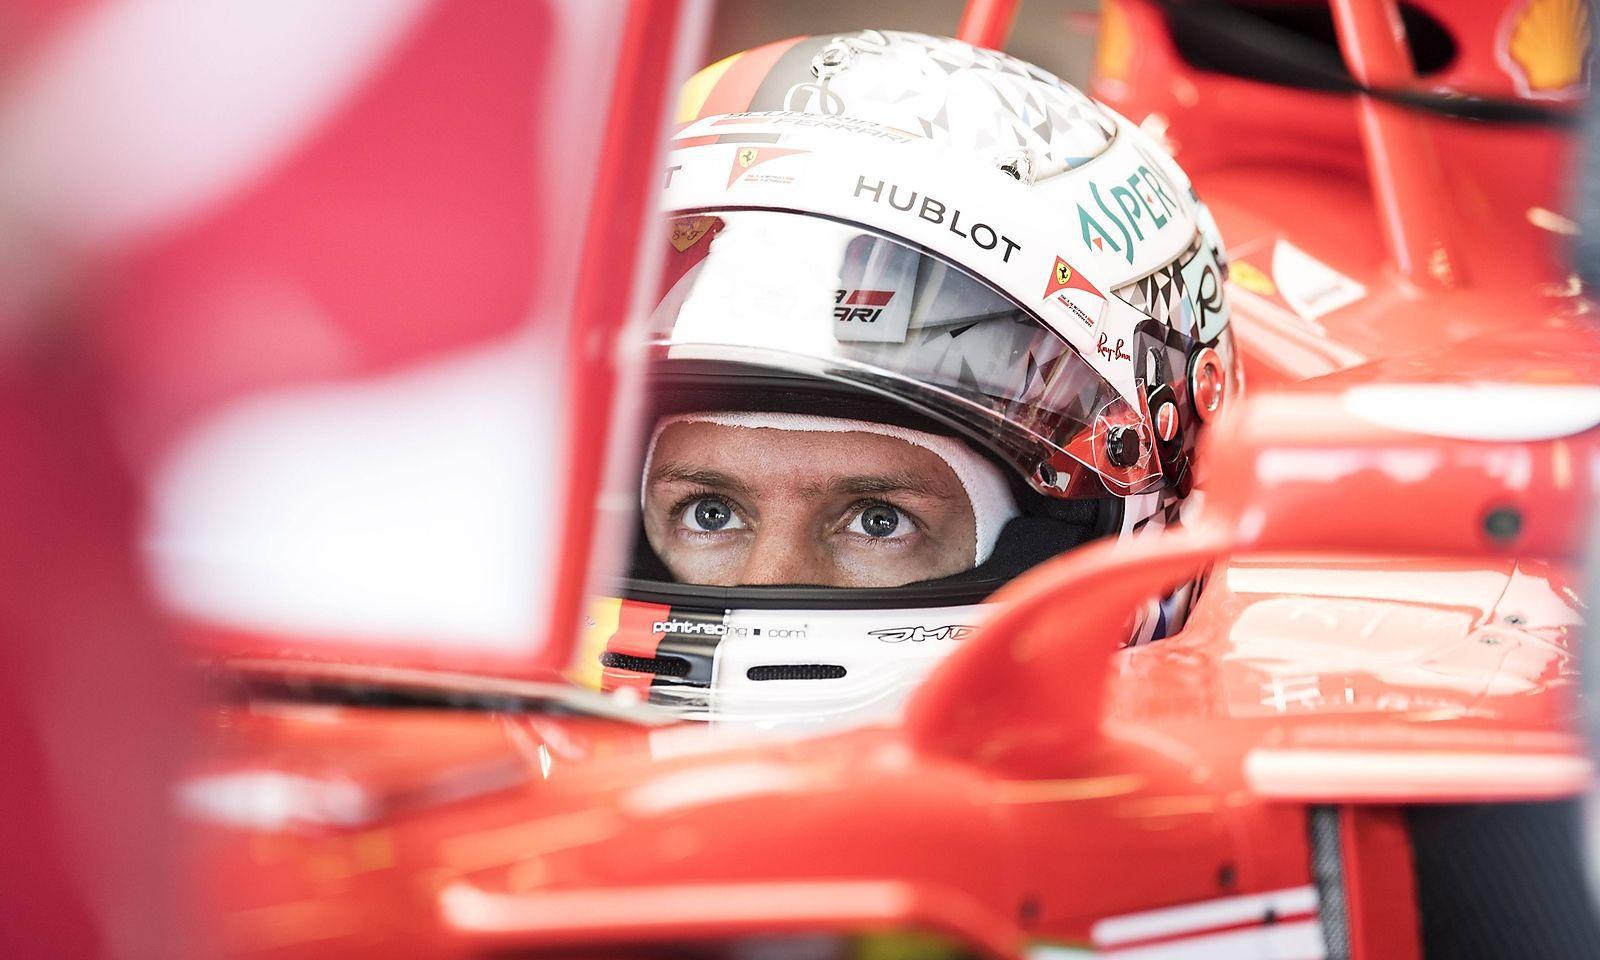 Formel 1: Weltverband gibt Grünes Licht für Cockpitschutz